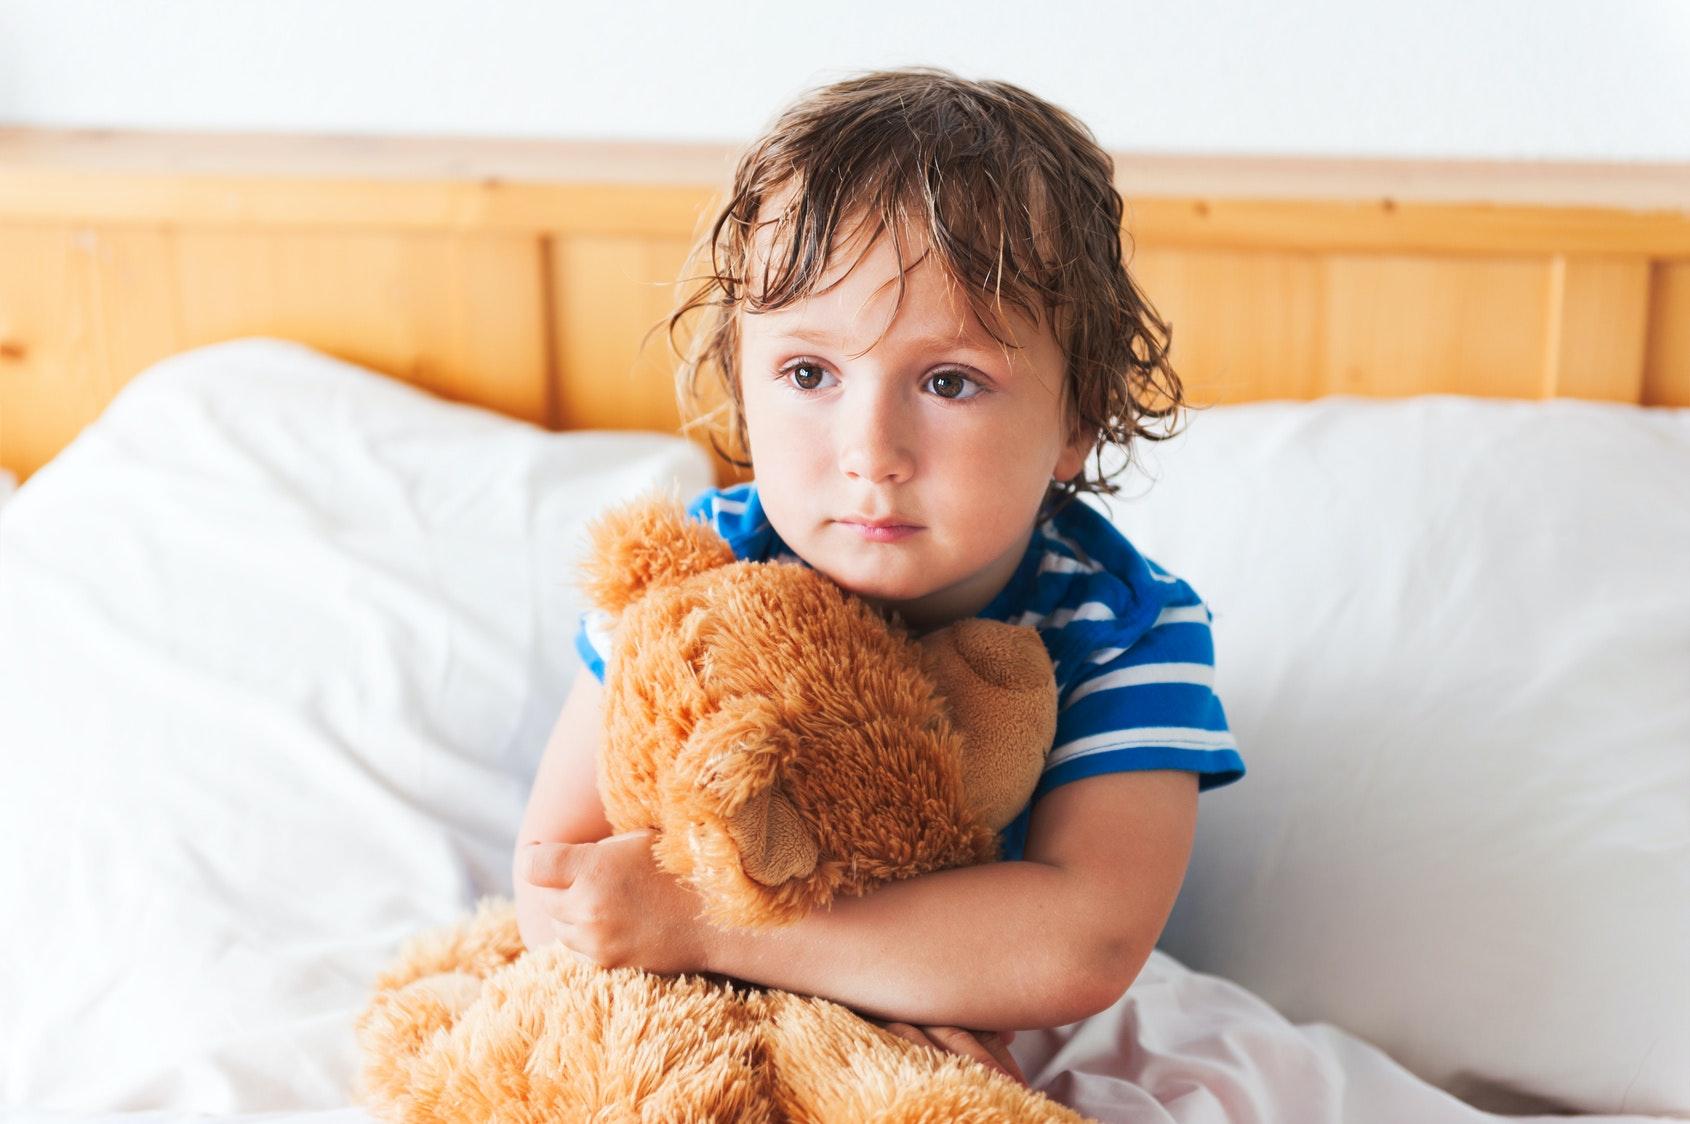 Pipi au lit : quand s'inquiéter ?